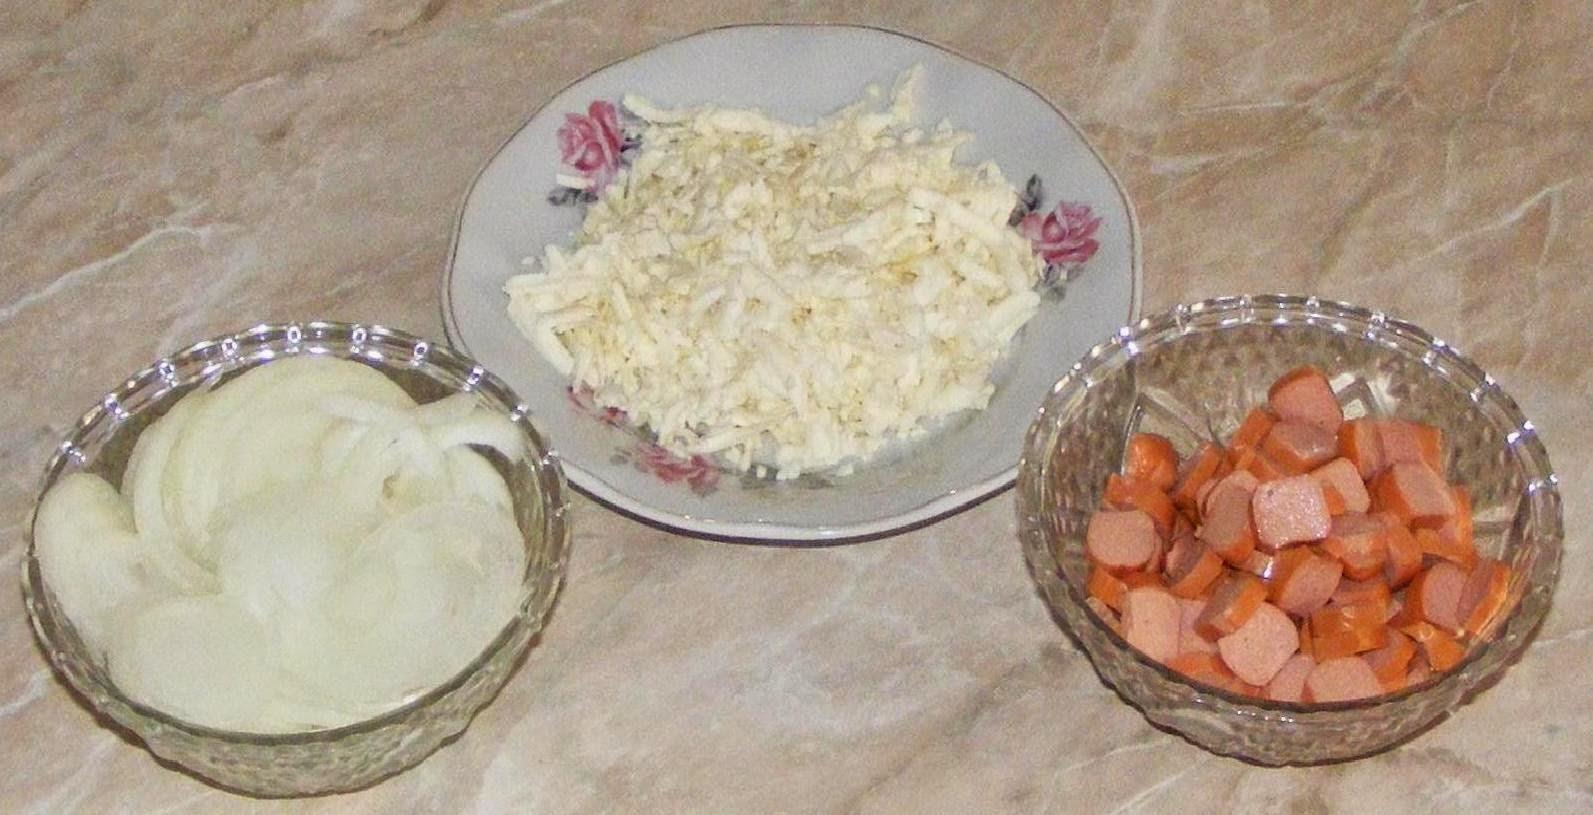 preparare focaccia, ingrediente focaccia, retete focaccia, reteta focaccia, retete culinare, retete si preparate culinare focaccia,